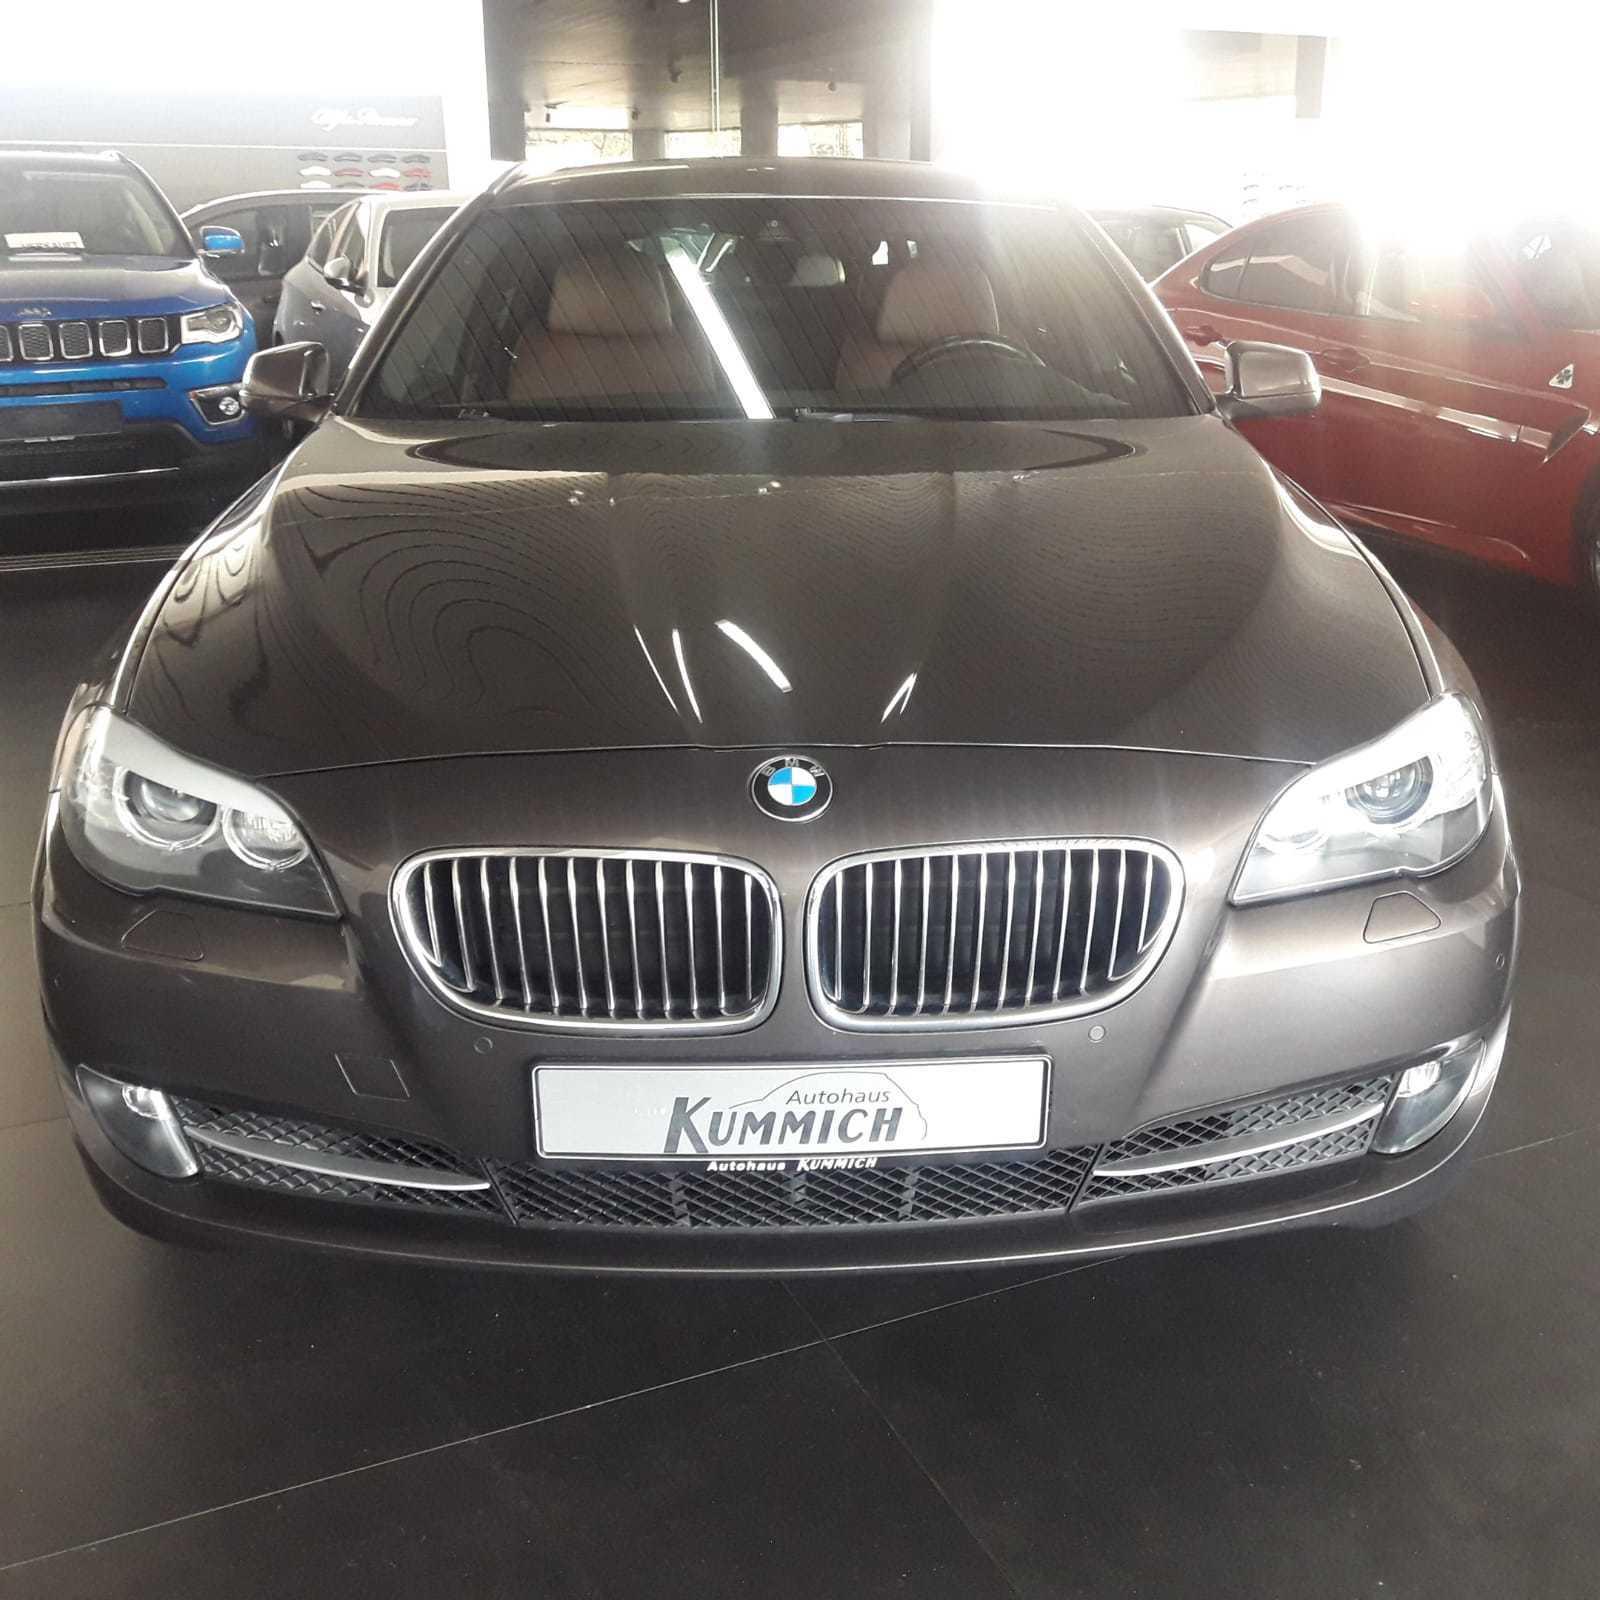 BMW 530 d Touring xDrive Automatik *top Zustand*, Jahr 2012, Diesel